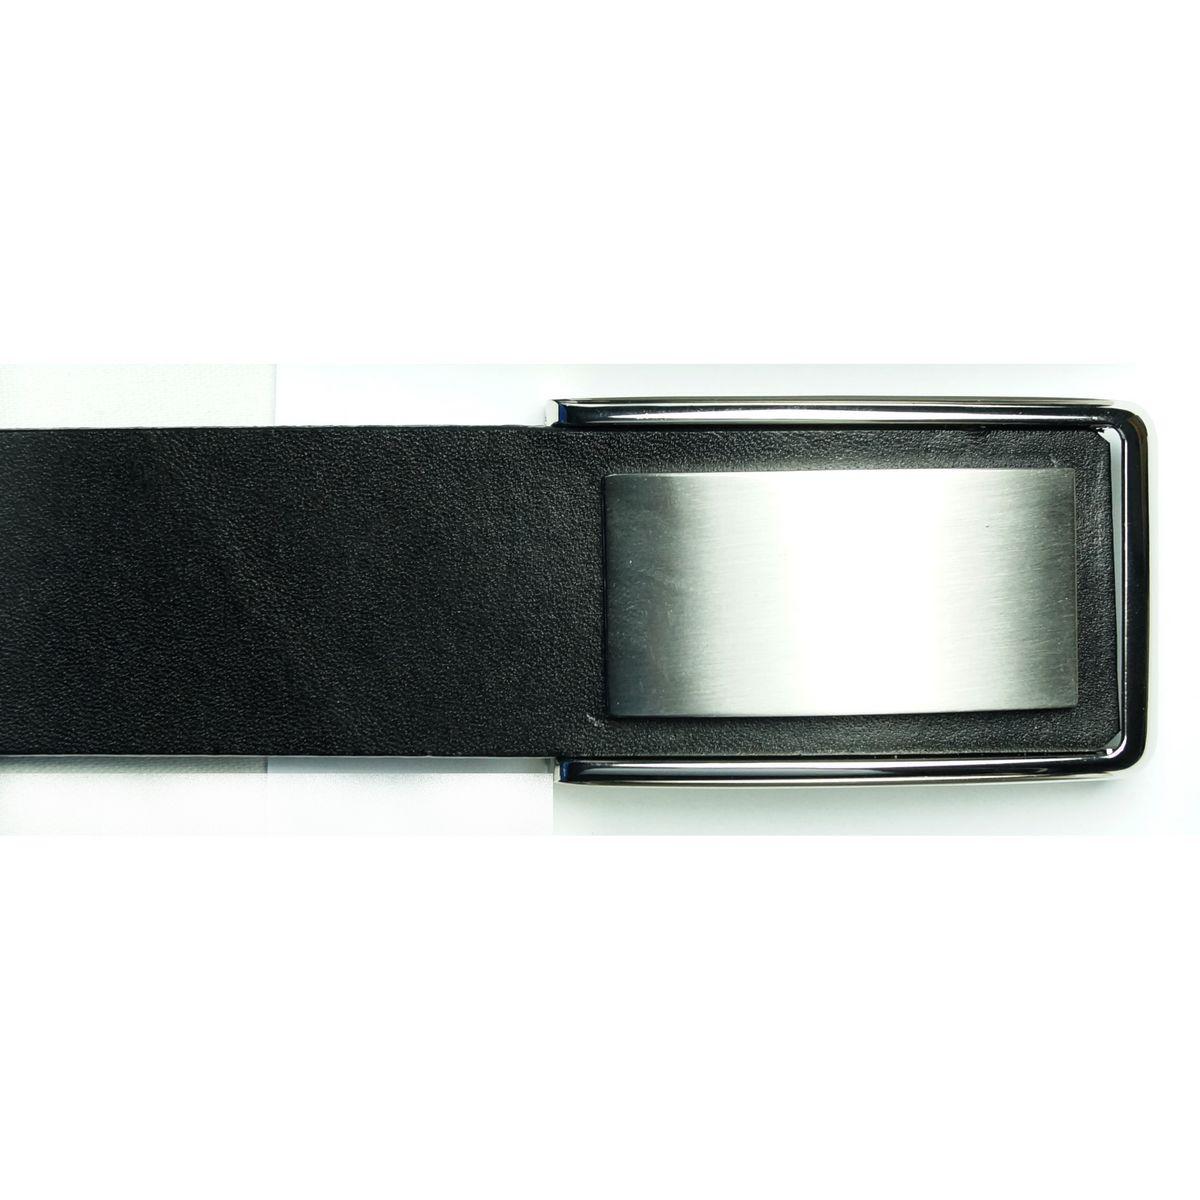 66bdf95129e Køb Læder Bælte - Giorgio - Black fremstillet af 100% Læder og Metal ...